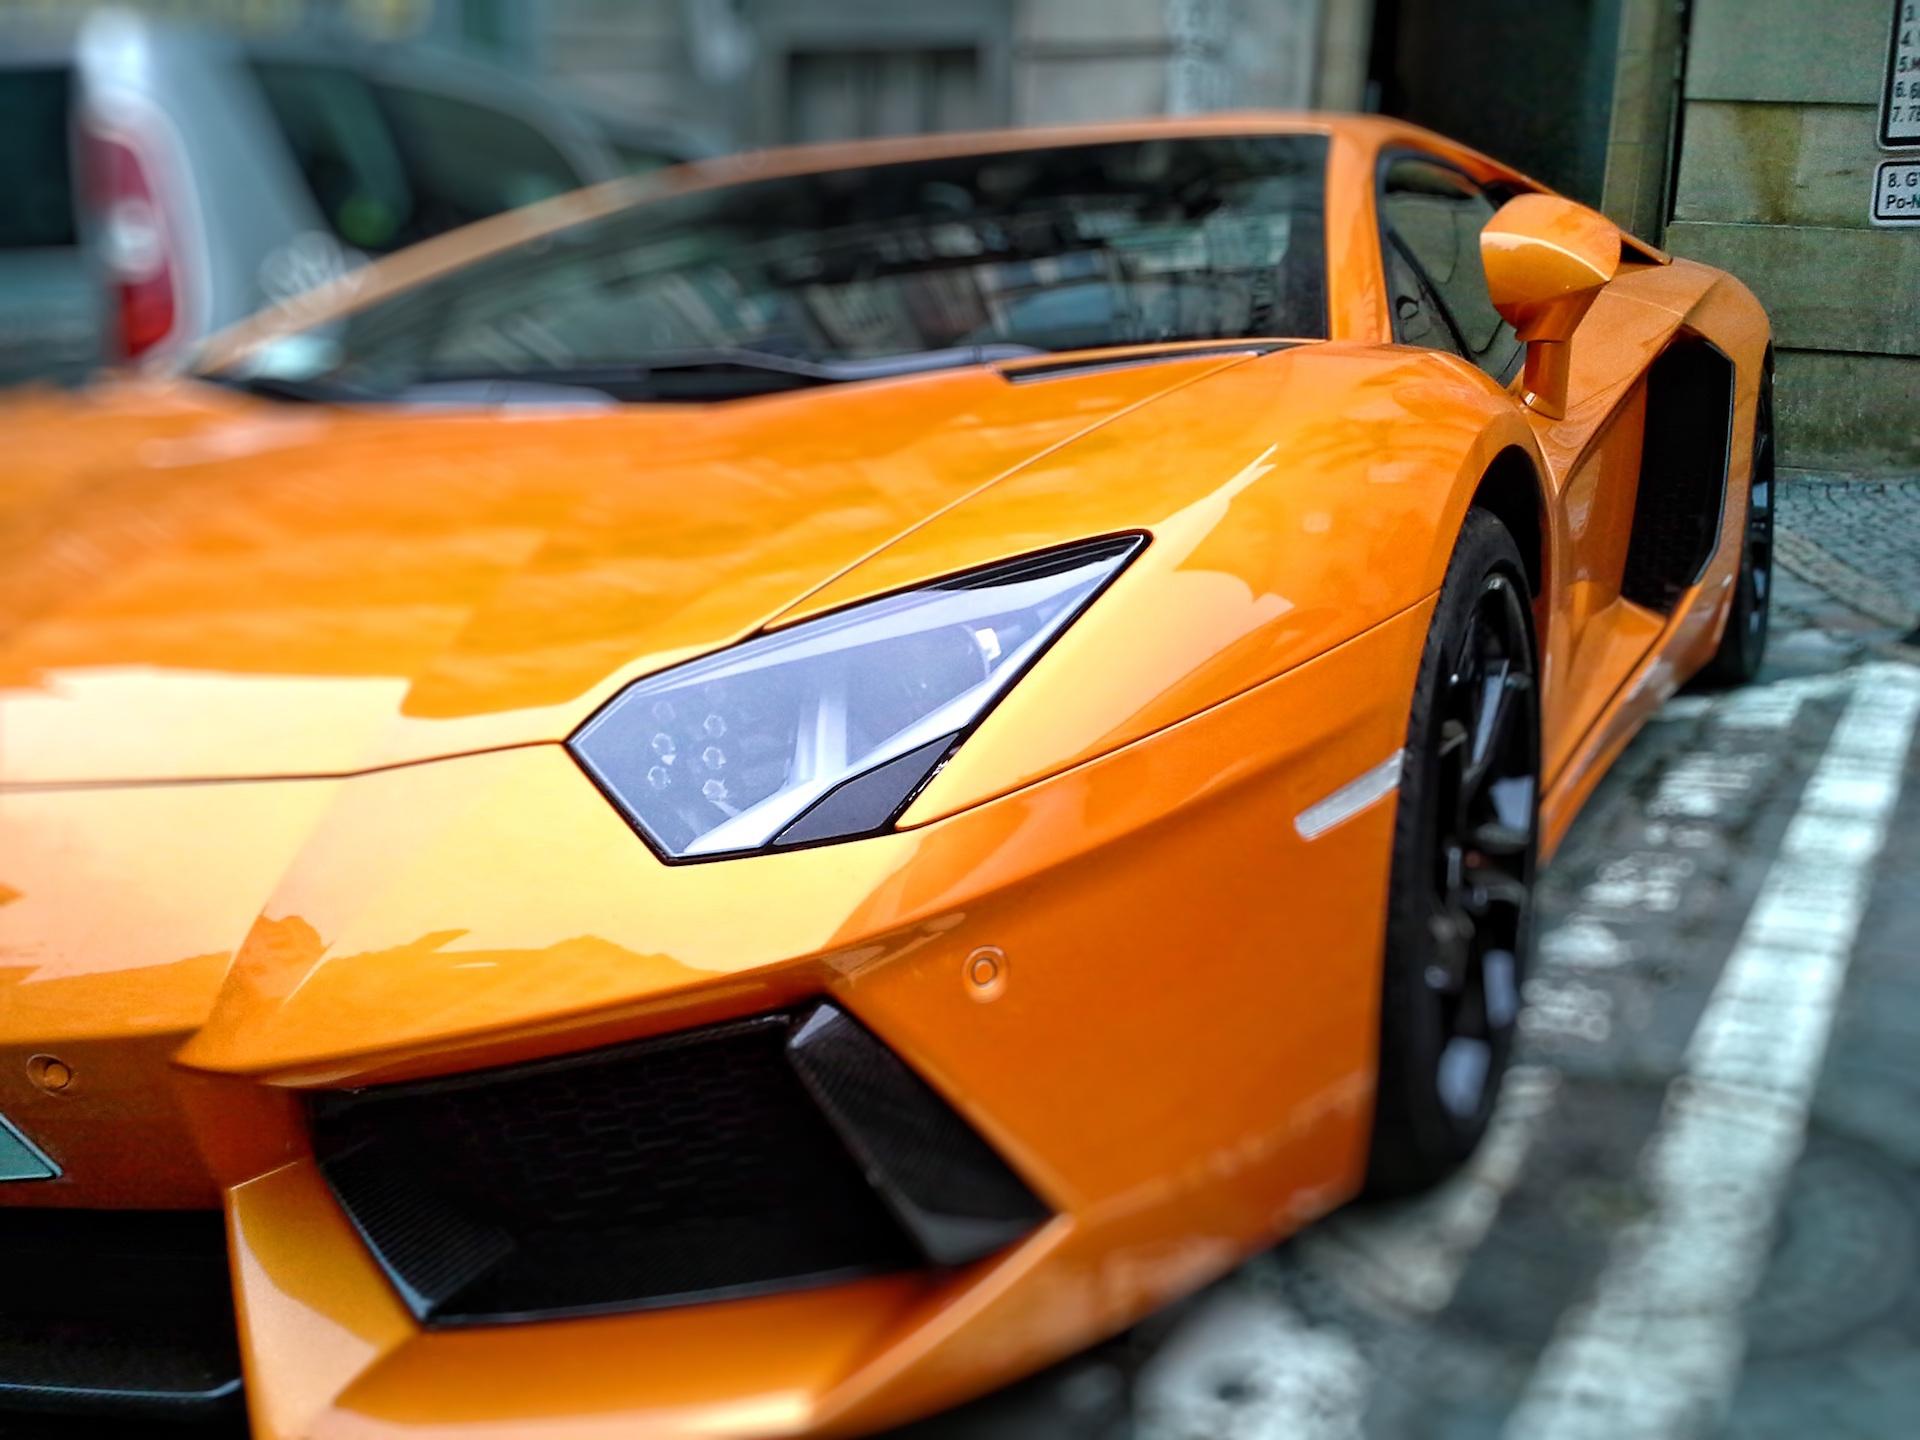 αυτοκίνητο, Lamborghini, Πολυτελή ξενοδοχεία, σπορ, Πορτοκαλί - Wallpapers HD - Professor-falken.com